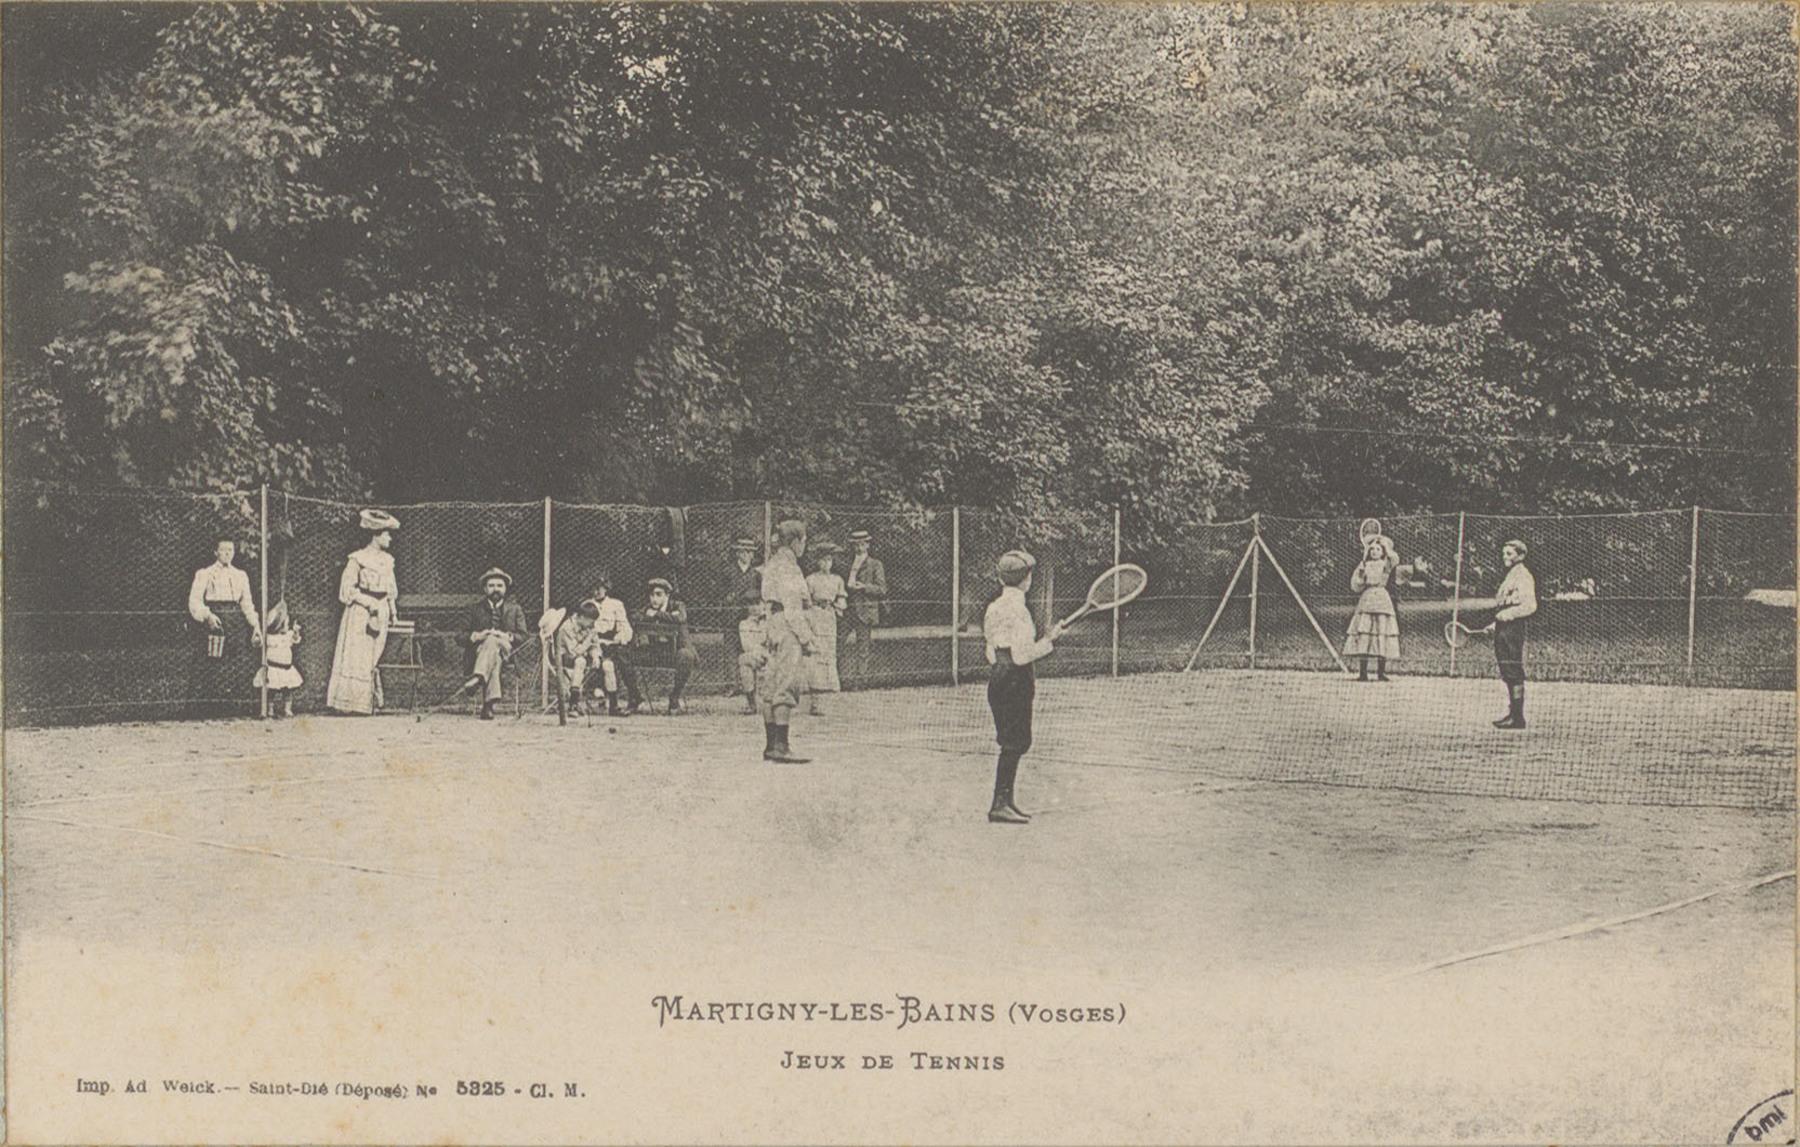 Contenu du Martigny-les-Bains (Vosges), Jeux de tennis